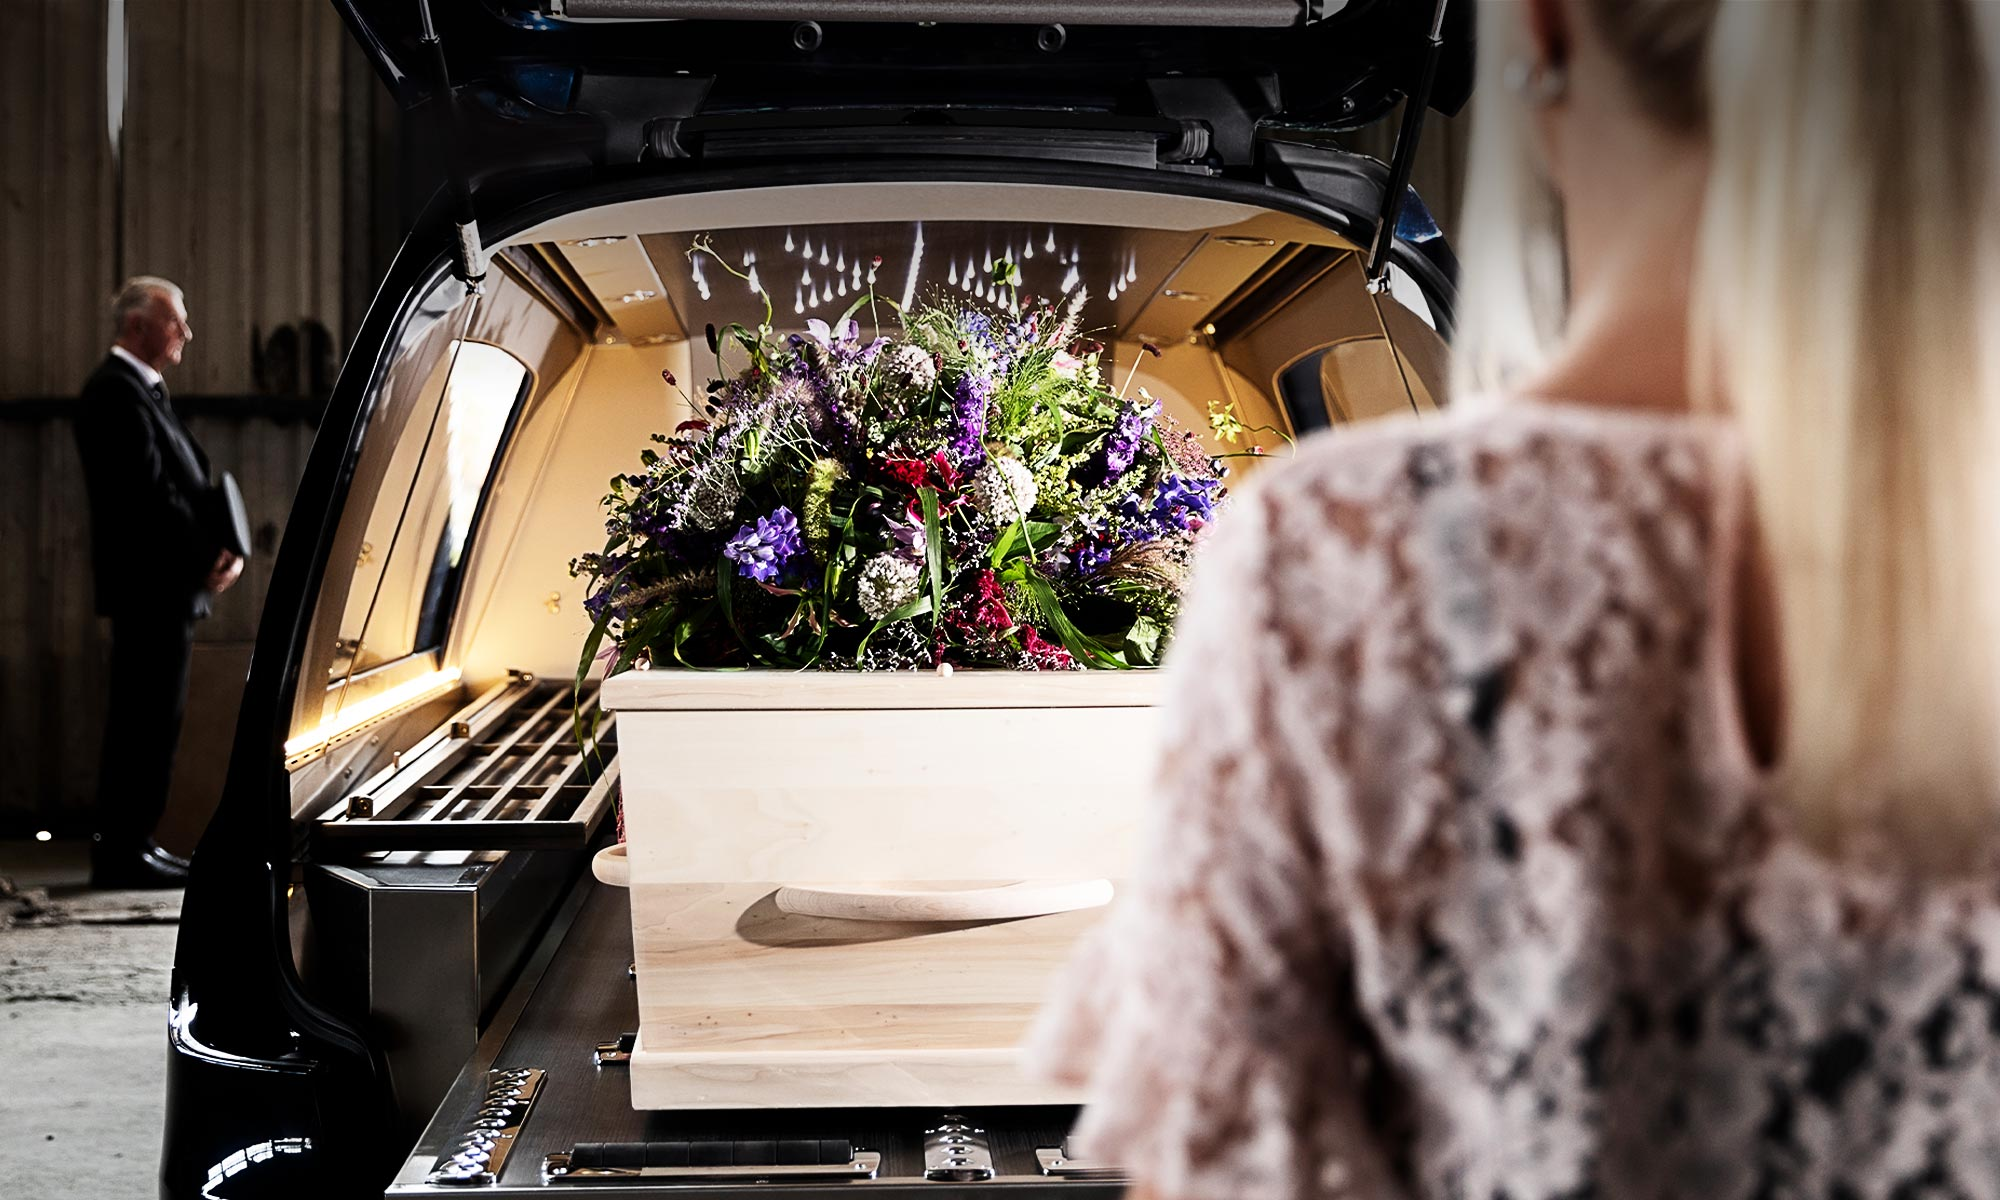 Uitvaartkist en rouwboeket in blauwe Mercedes rouwauto met sterrenhemel.